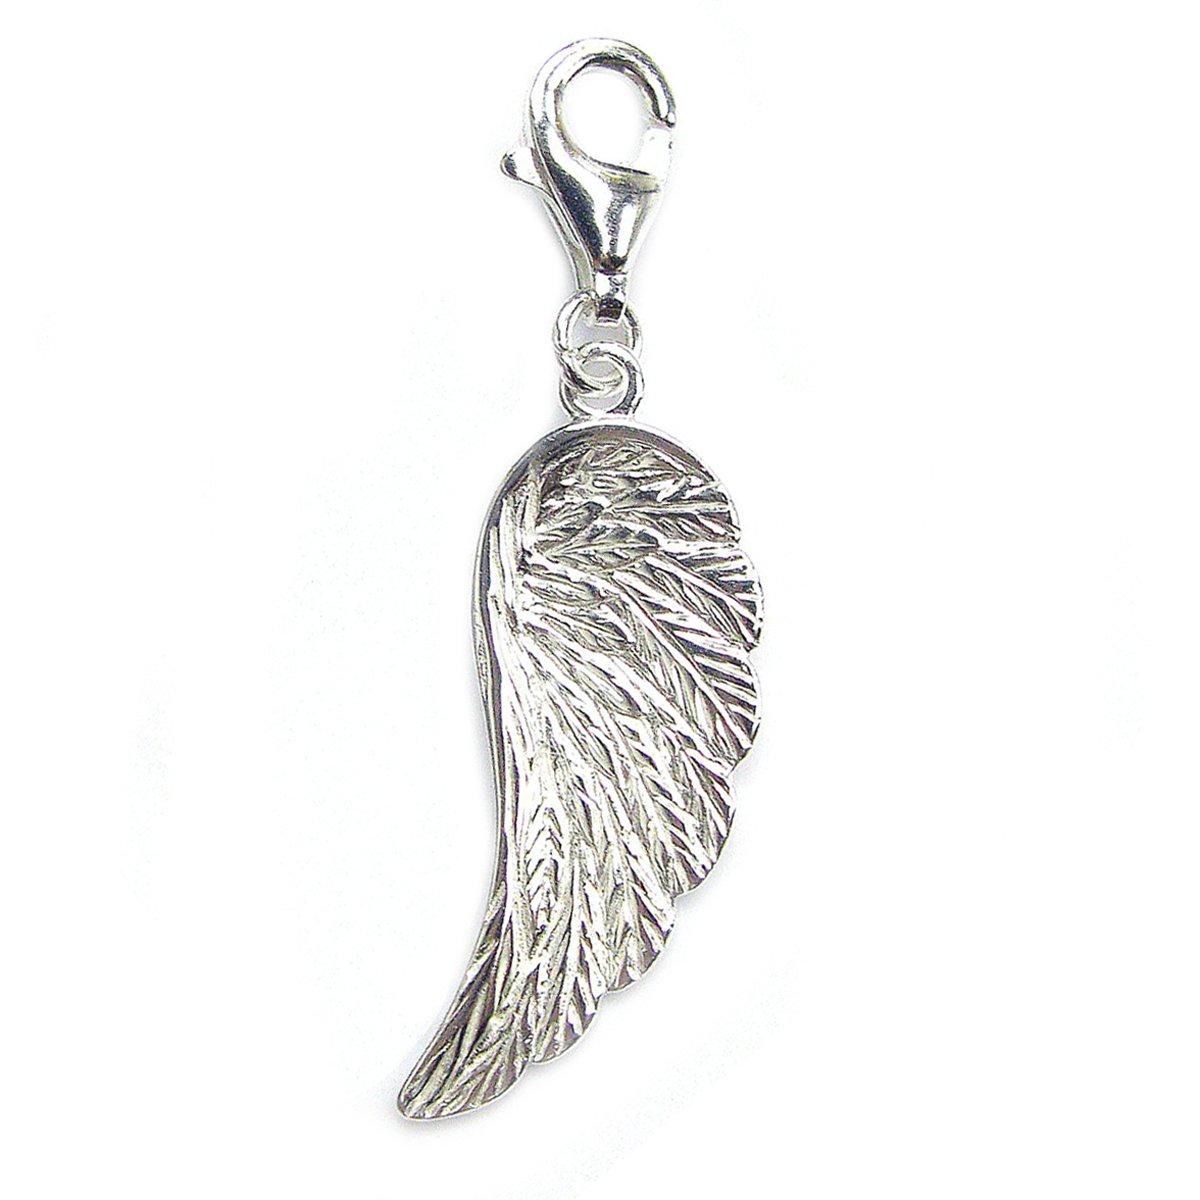 Queenberry Charm pendentif Aile d'ange ou plume en argent 925 avec fermoir mousqueton pour bracelet à charms à clipser PA1692X1